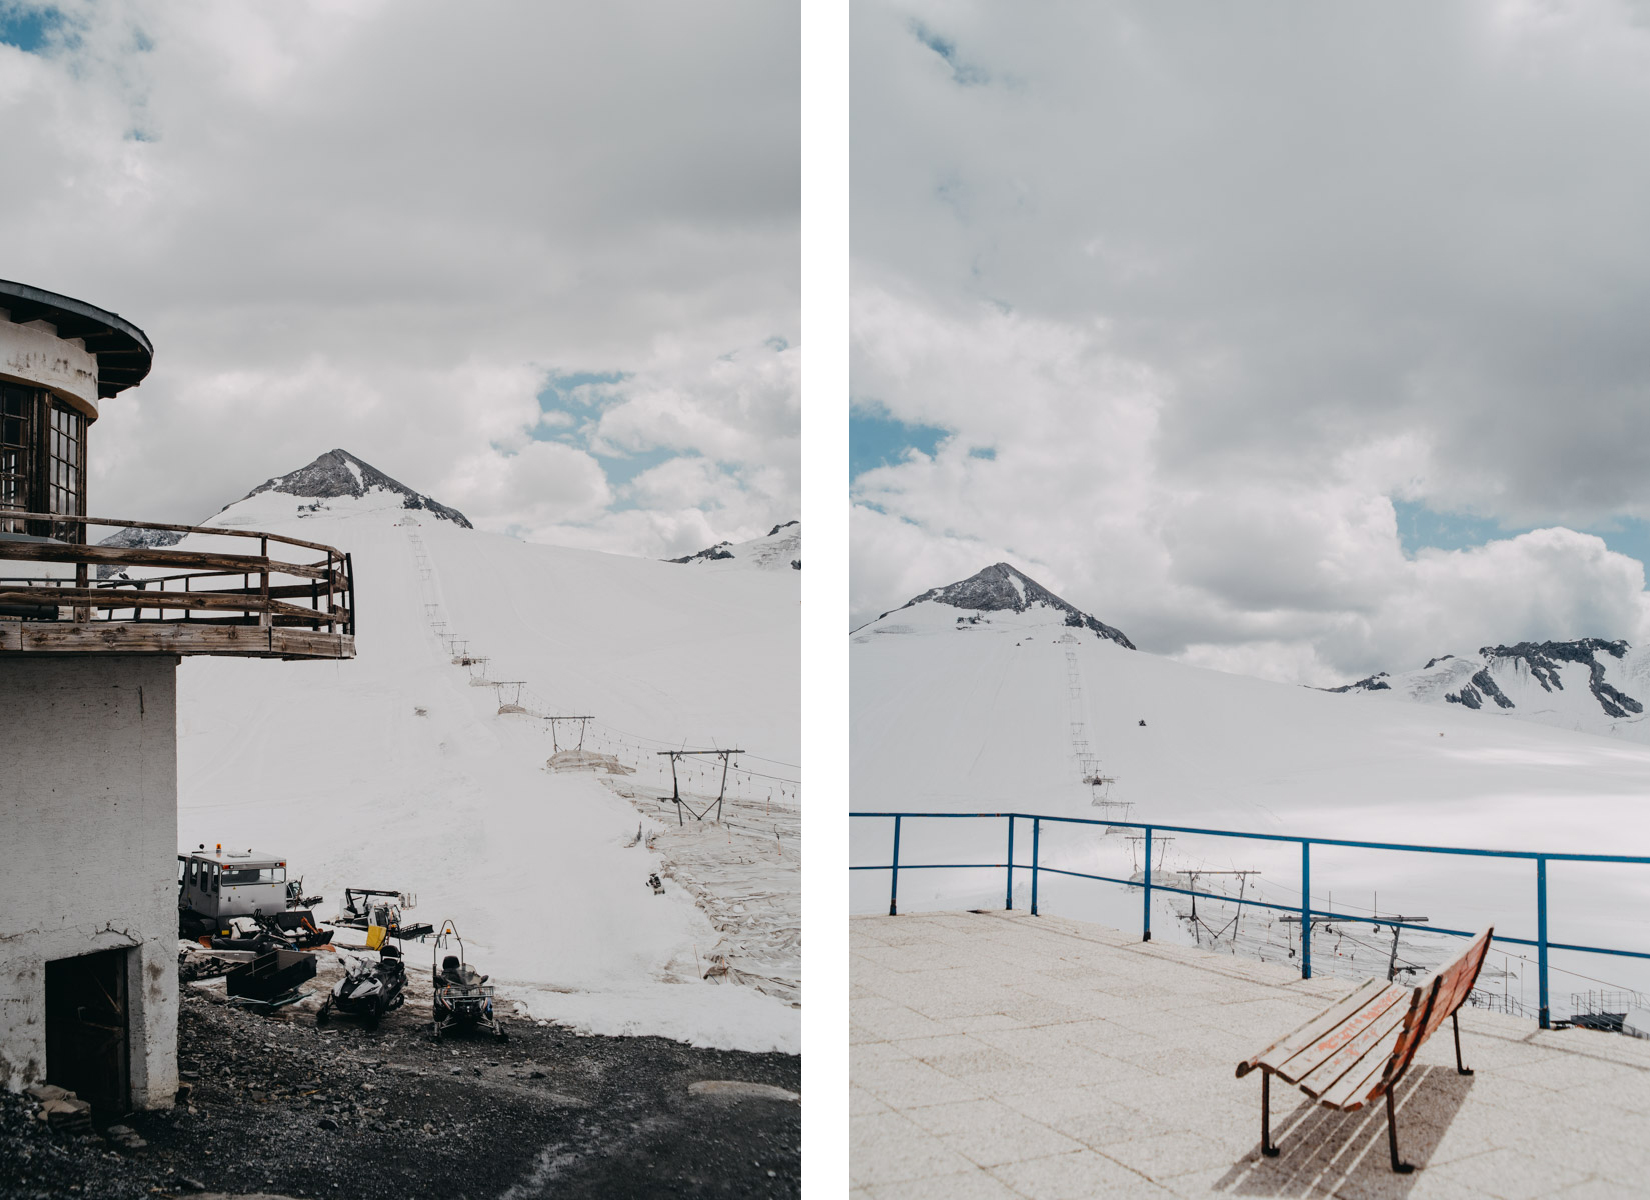 a bench on the mountains full of summer snow on the Stelvio pass, una panchina in un paesaggio innevato in estate sulle montagne dello Stelvio